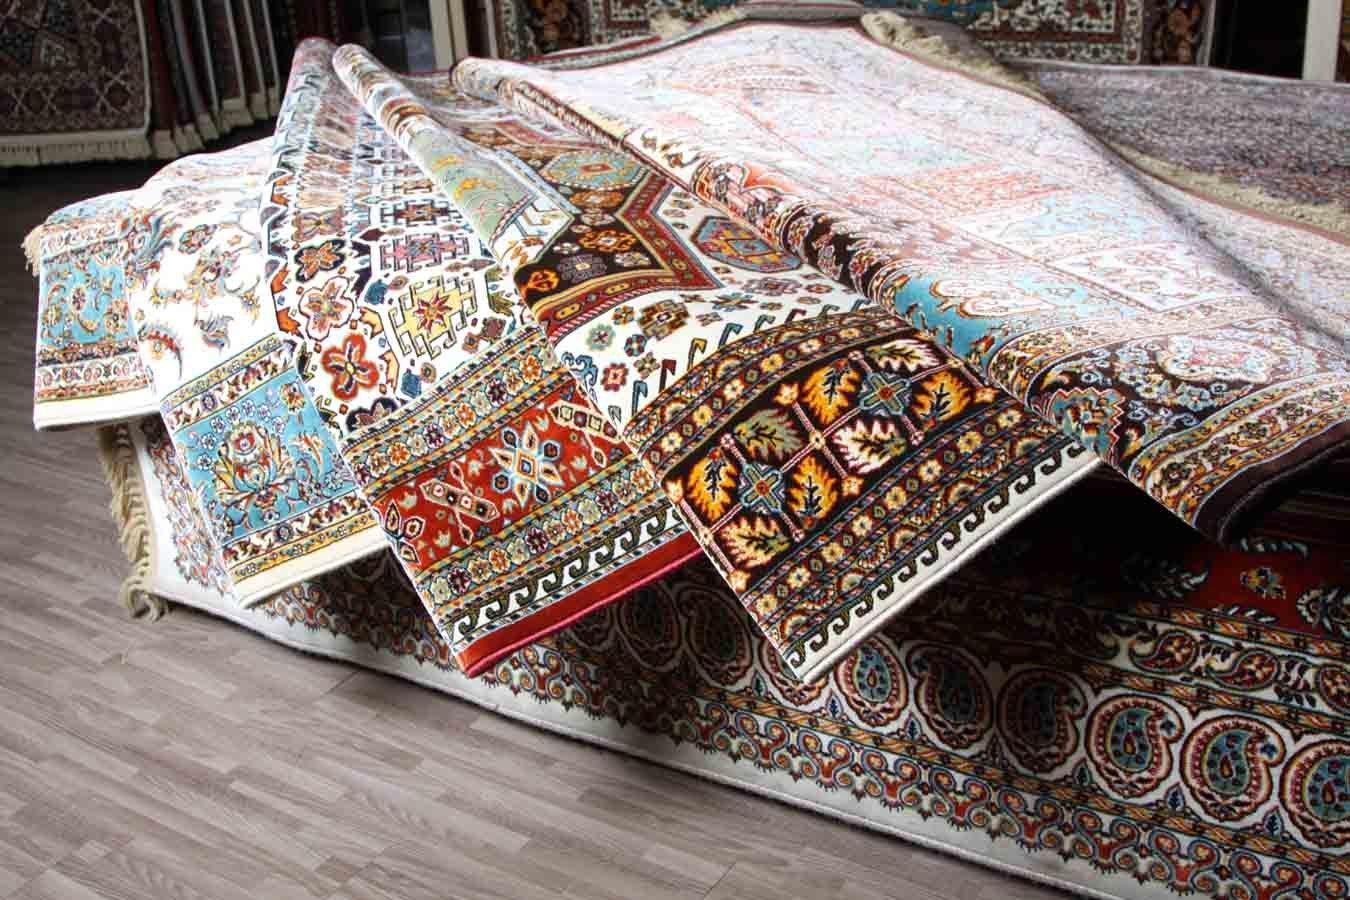 لیست فرش فروشی های استان اردبیل